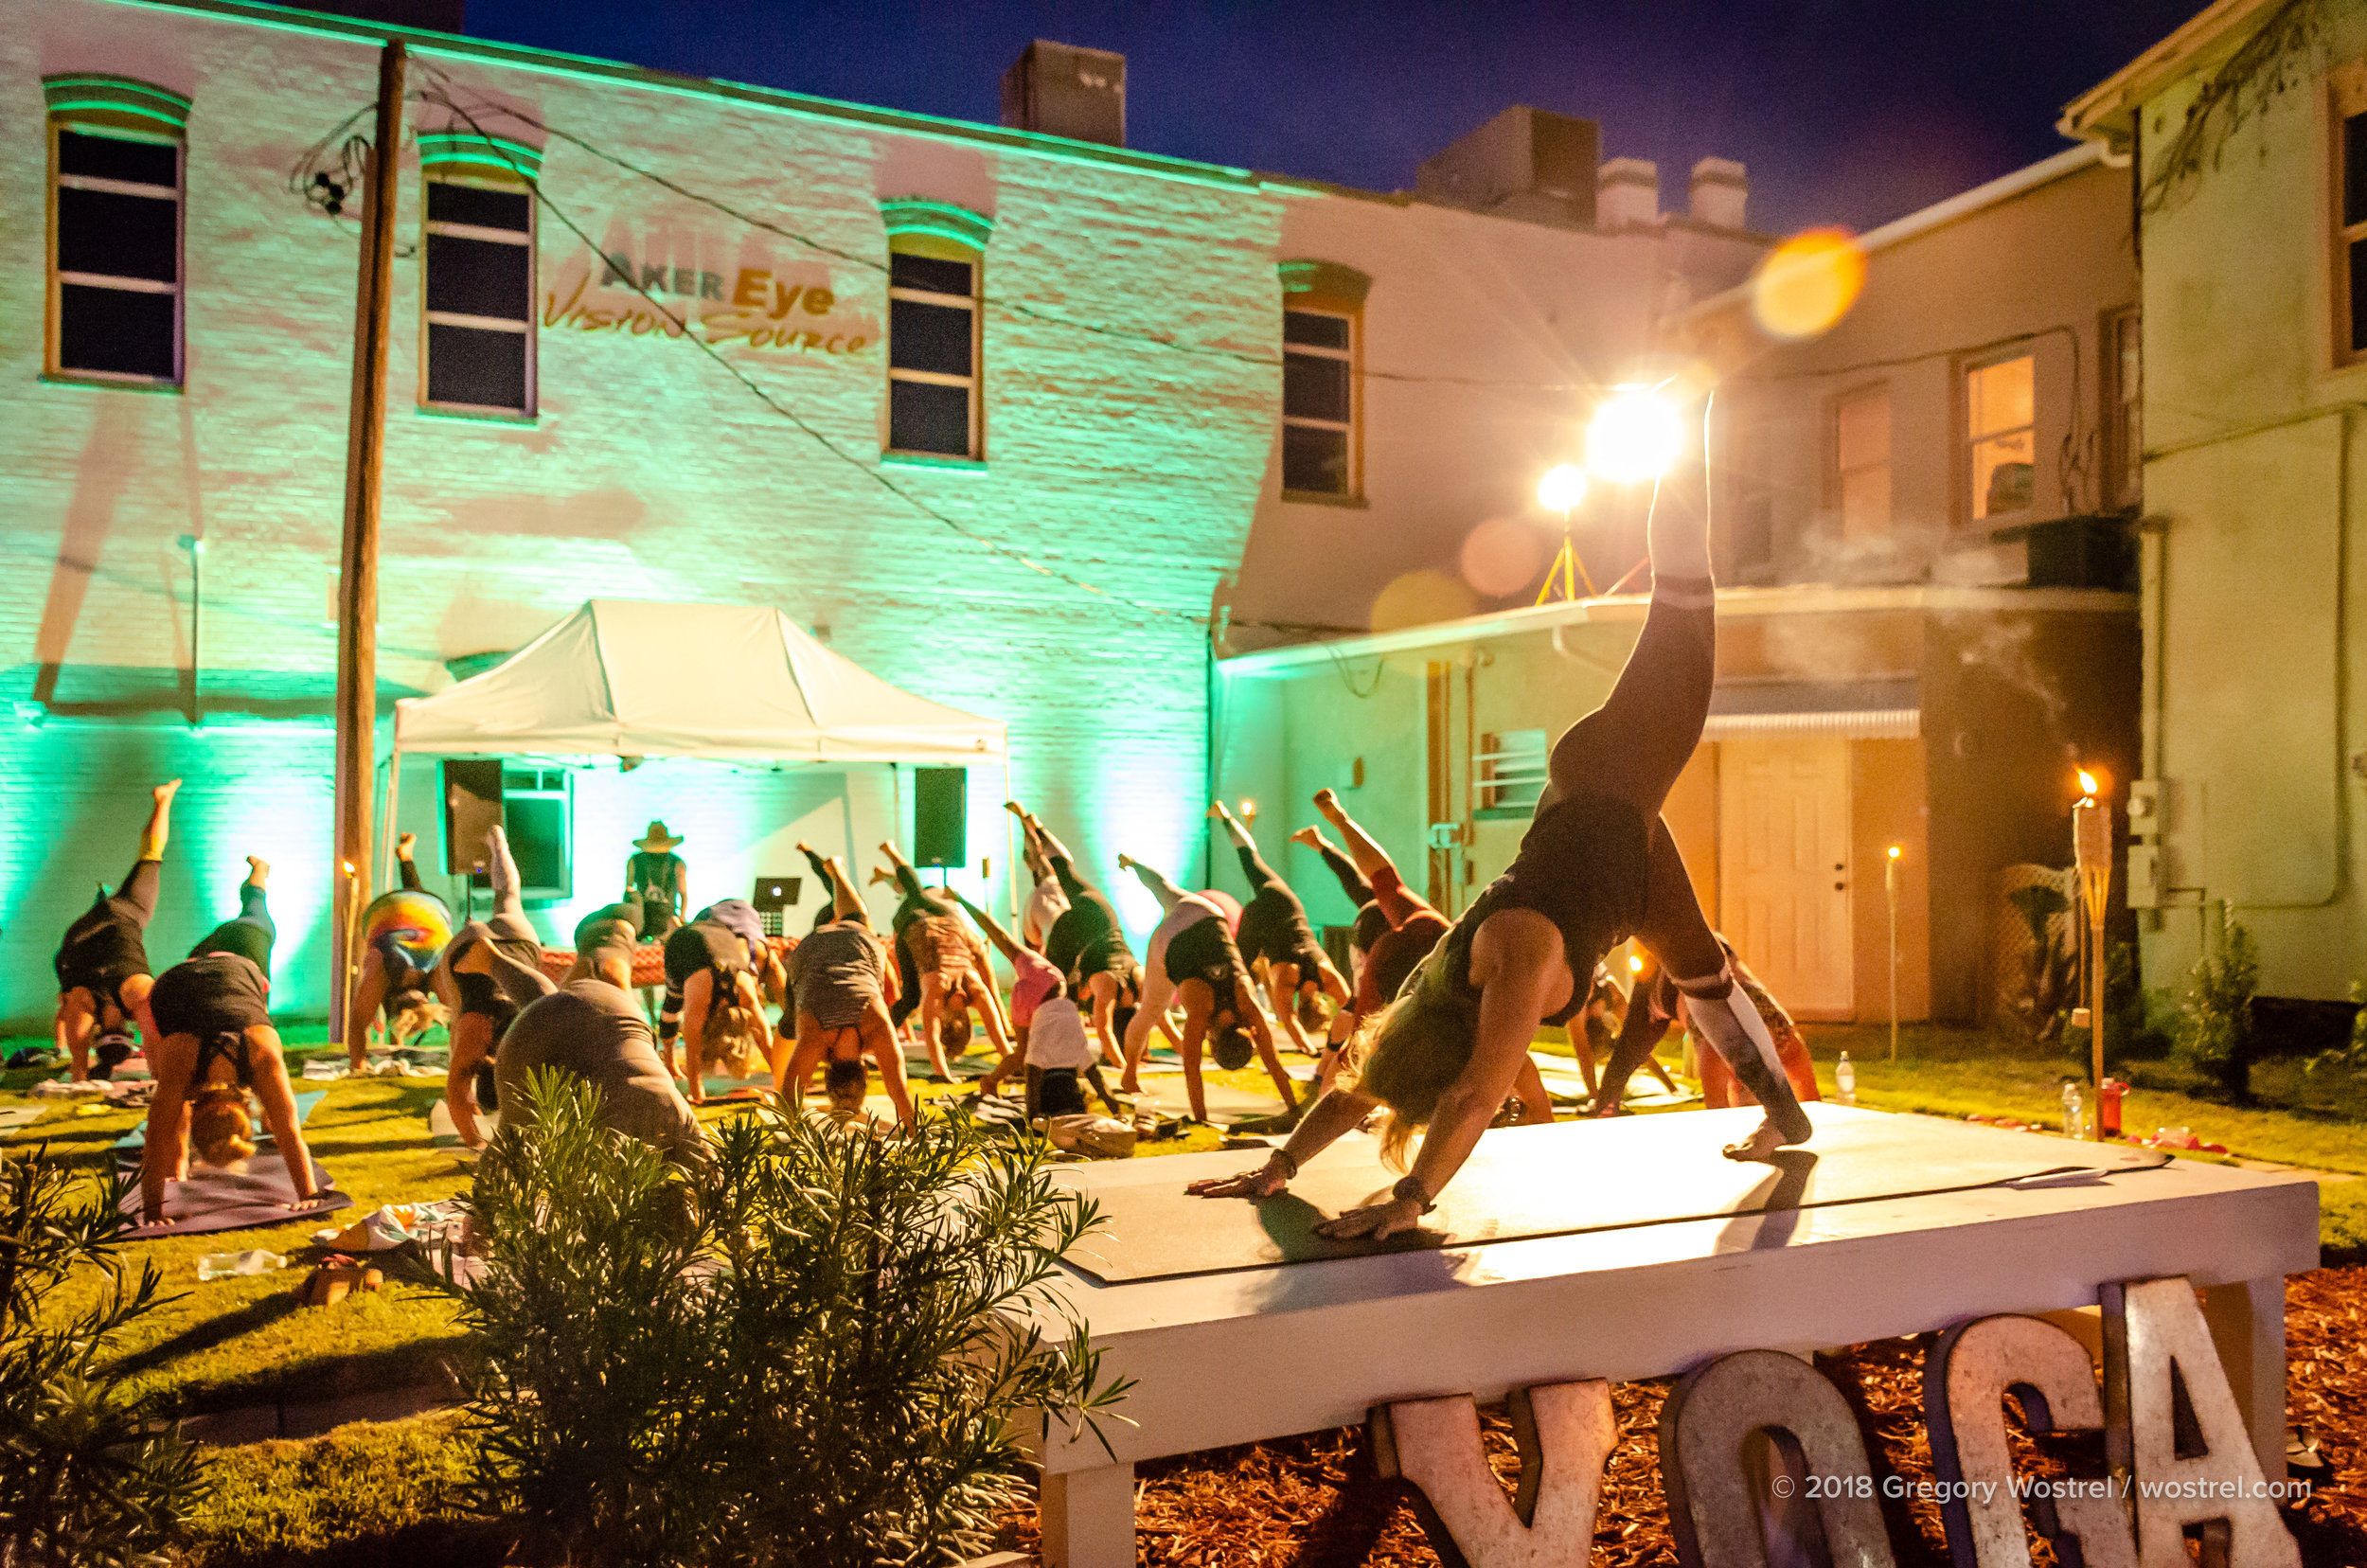 The Titusville Yoga Loft  - Titusville Yoga Loft Community Garden 9.jpg